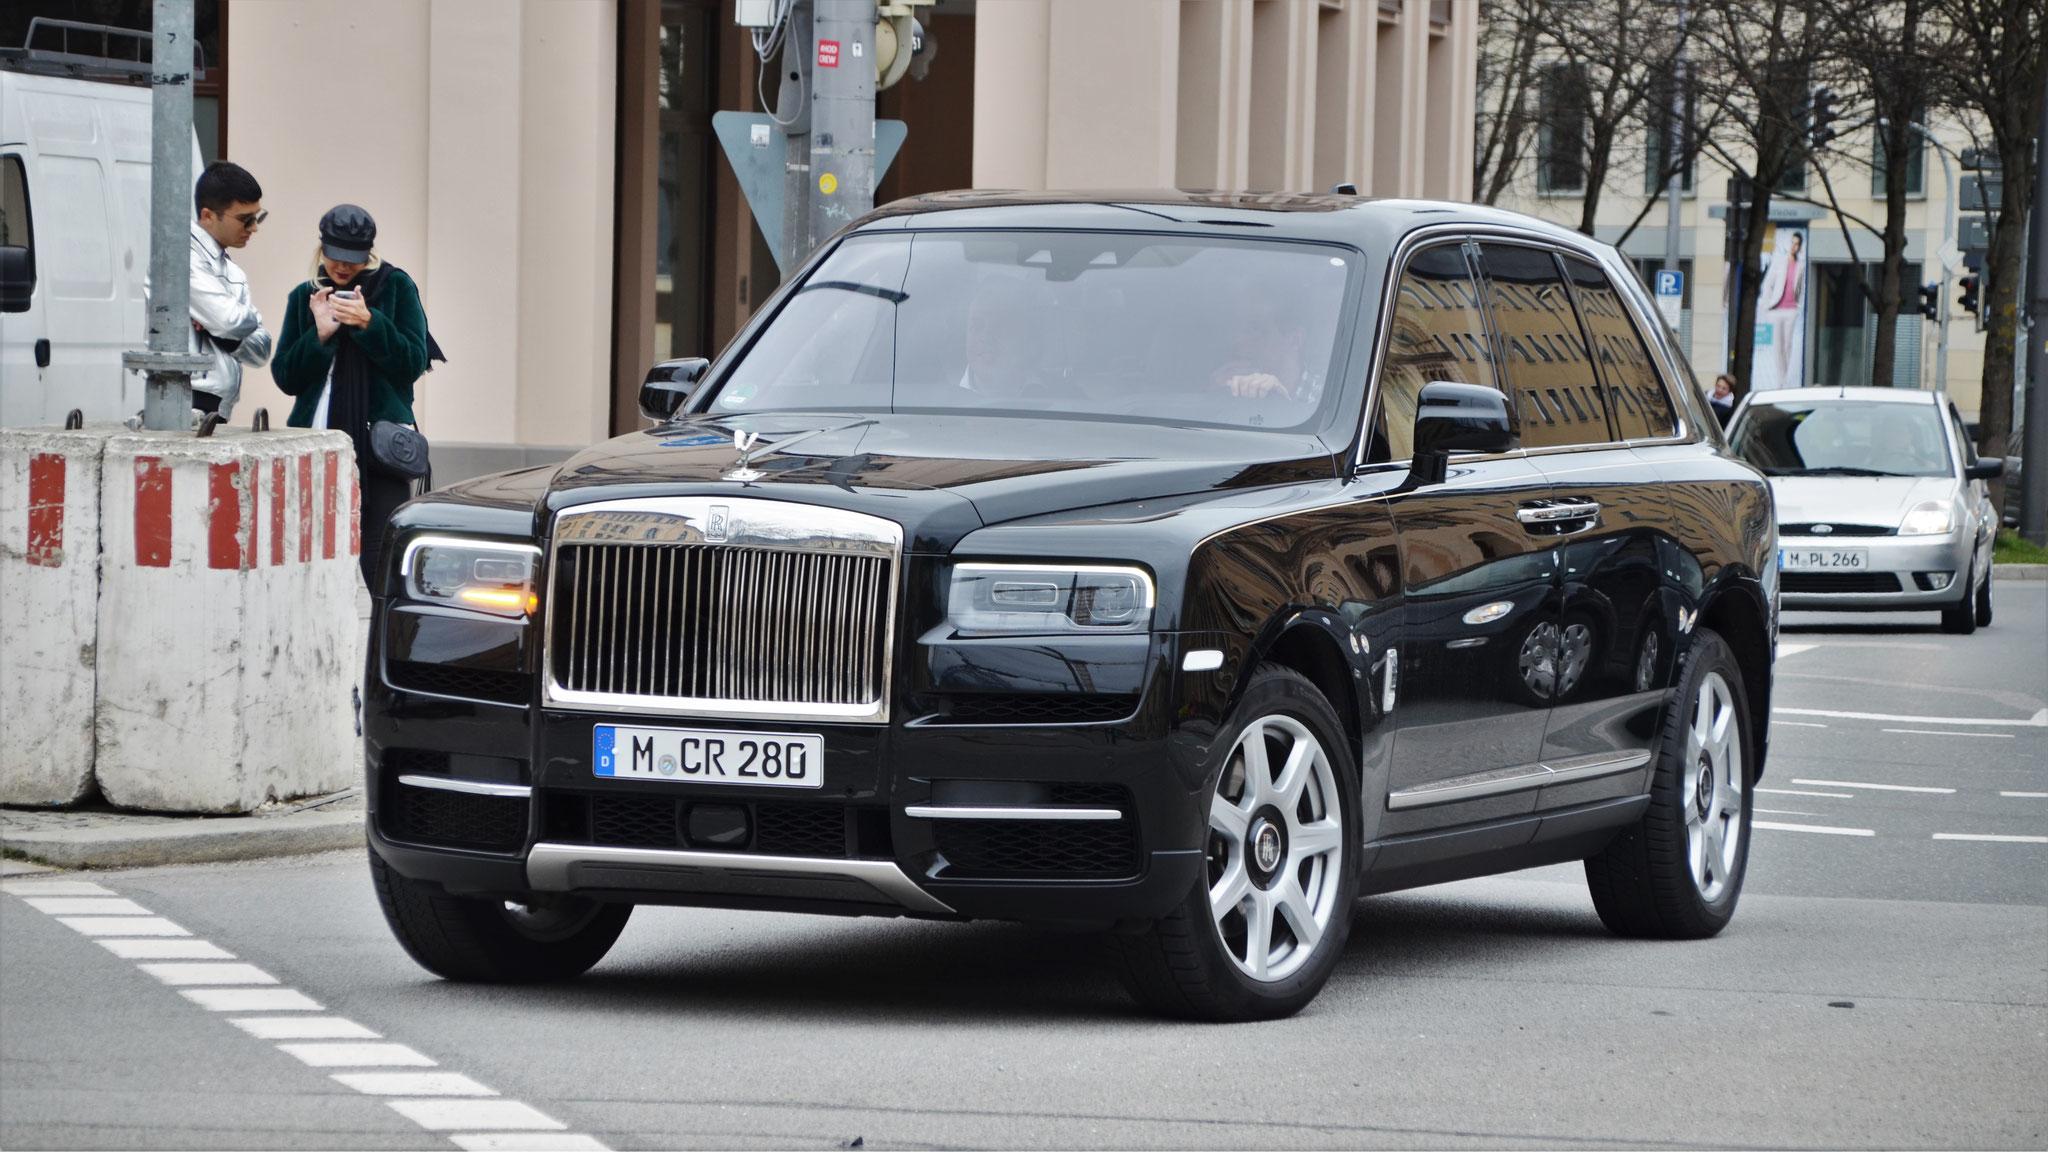 Rolls Royce Cullinan - M-CR-280